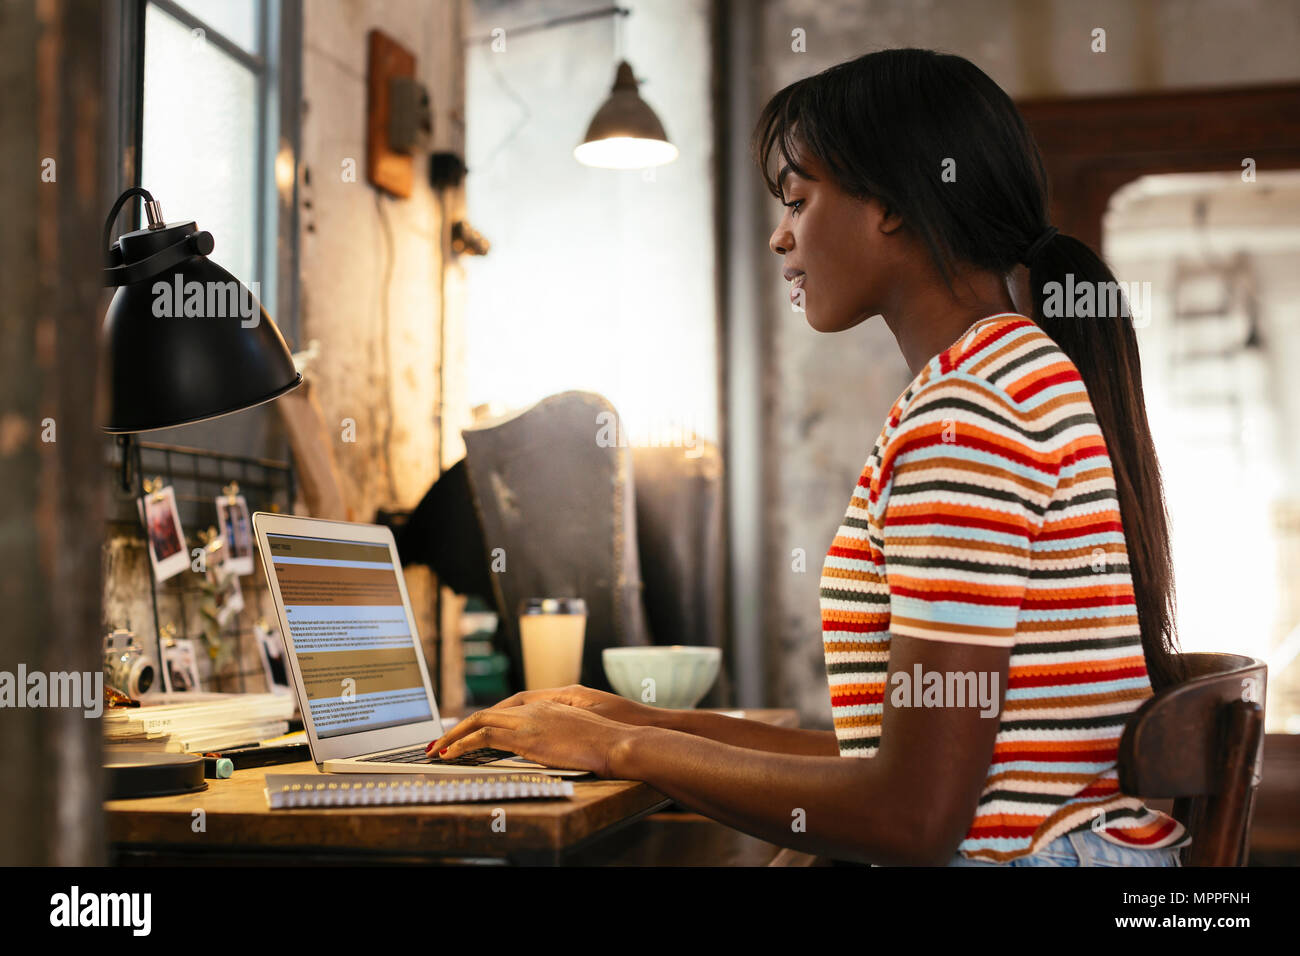 Junge Frau am Schreibtisch sitzen in einem Loft Arbeiten am Laptop Stockbild